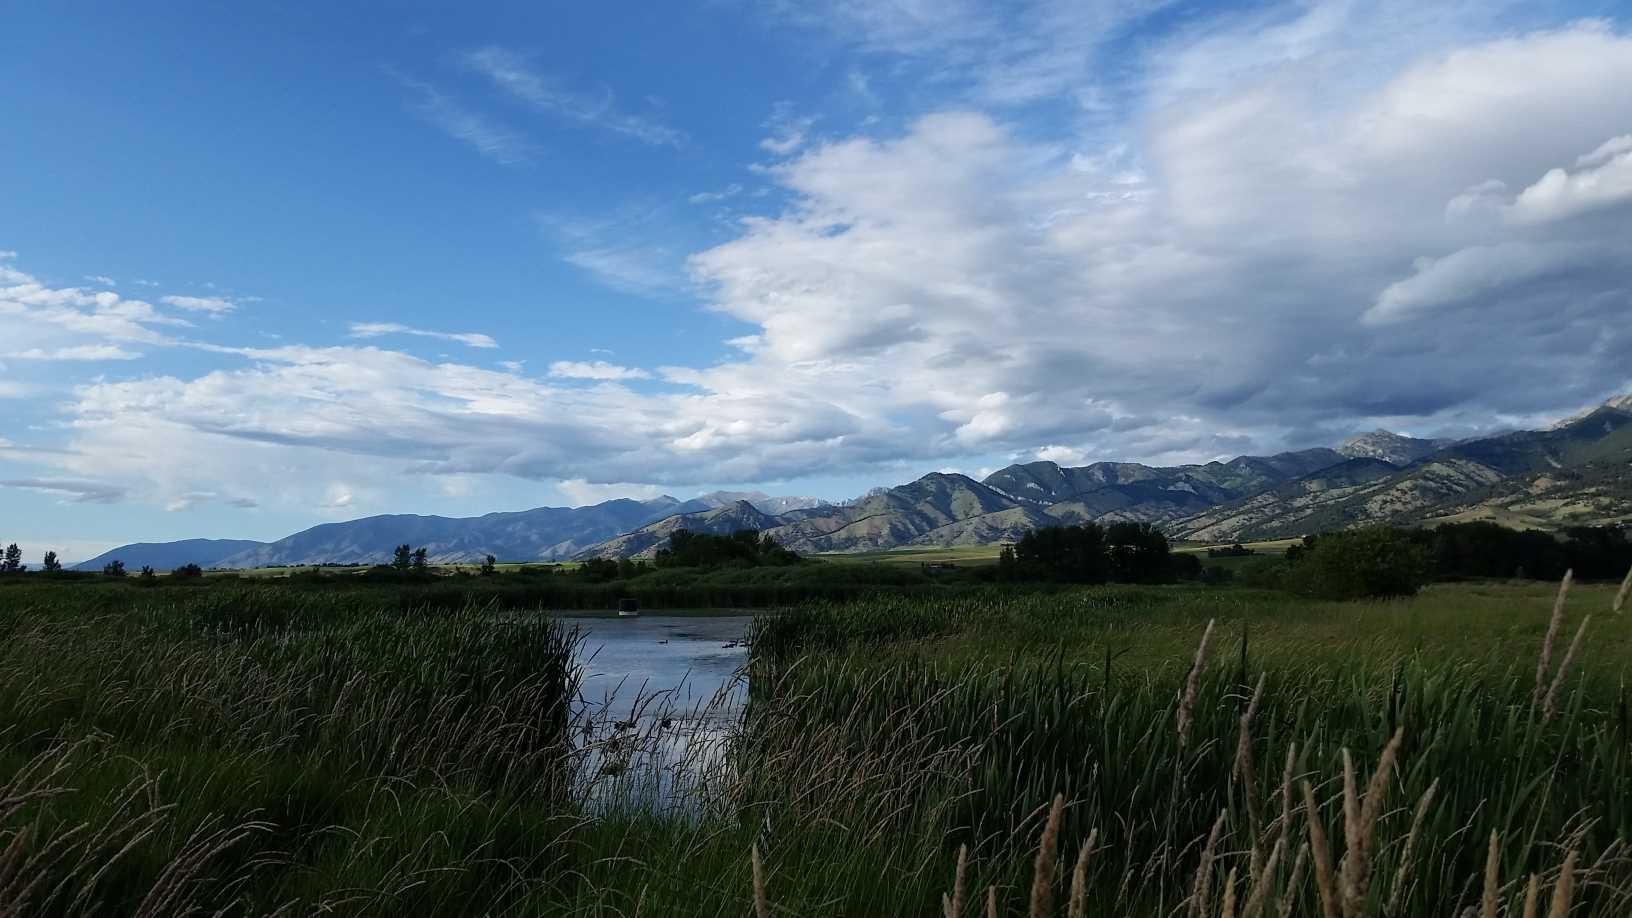 Bozeman Check-in #6 (Montana Life)